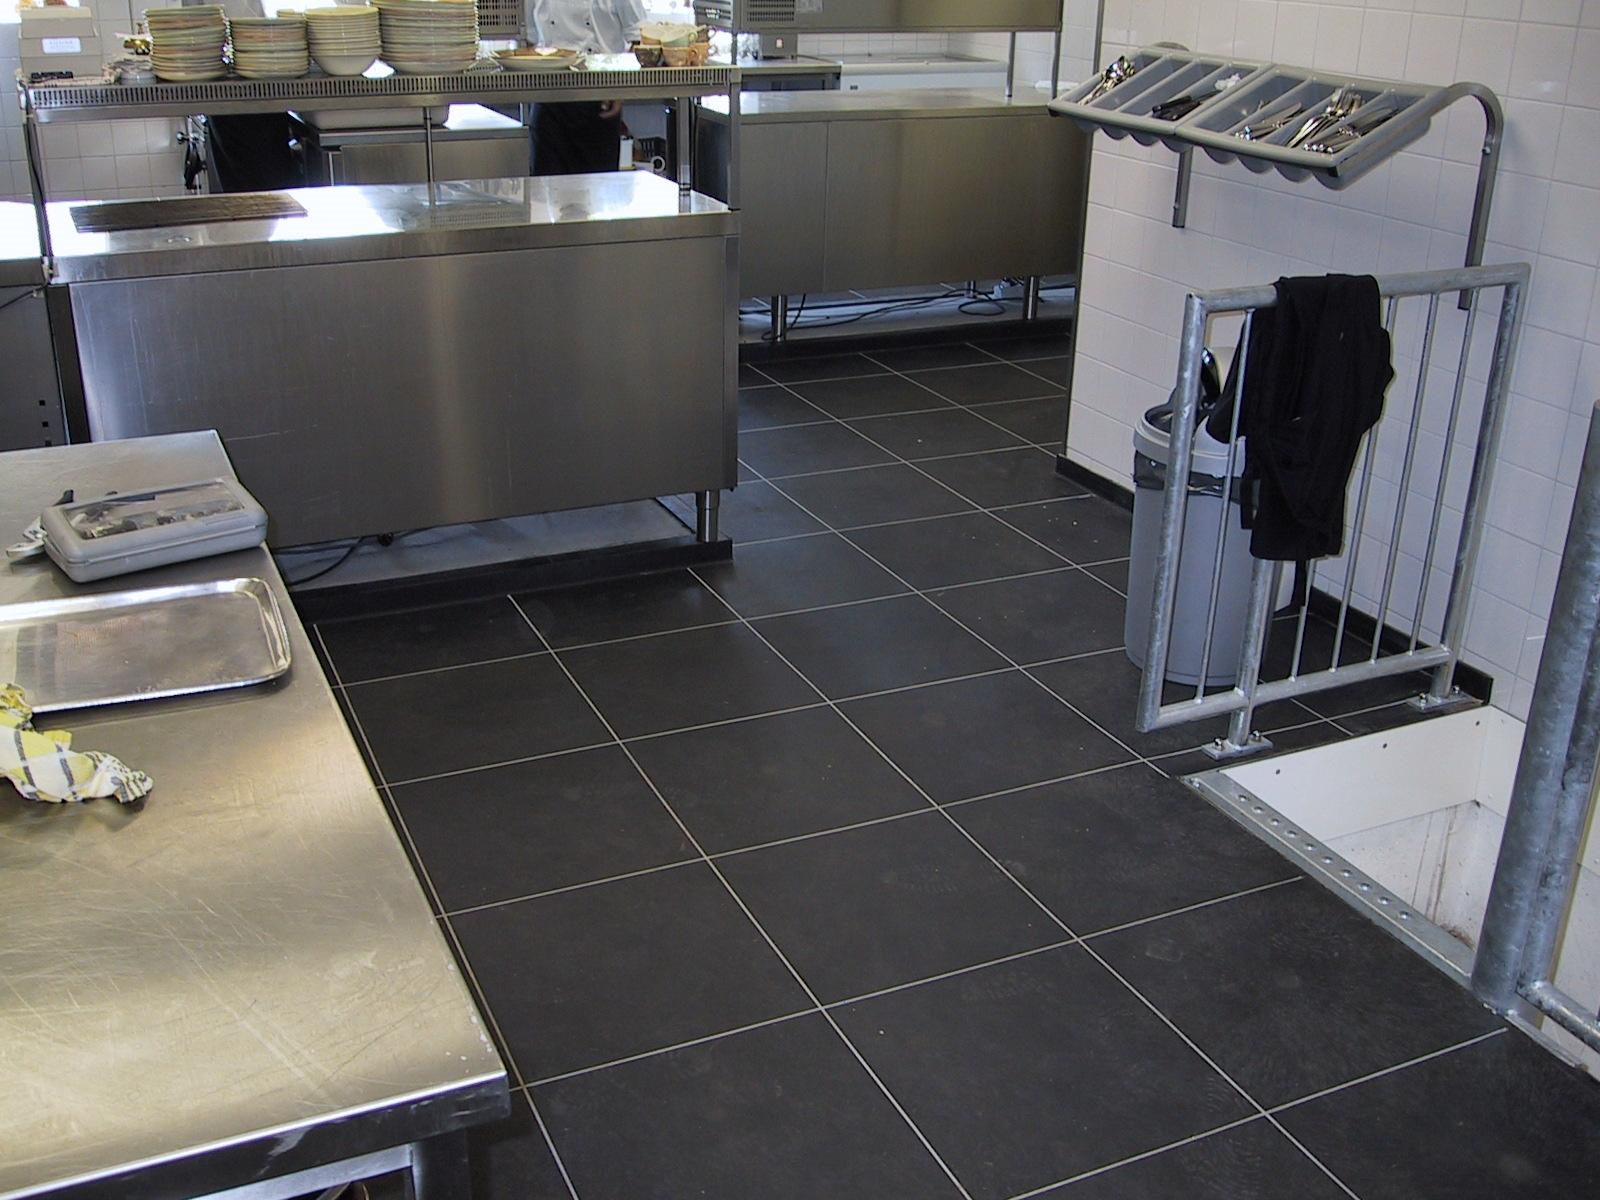 Vloertegels Keuken Antraciet : vloertegels pvc milin kunststof vloertegels pvc zijn gemaakt van